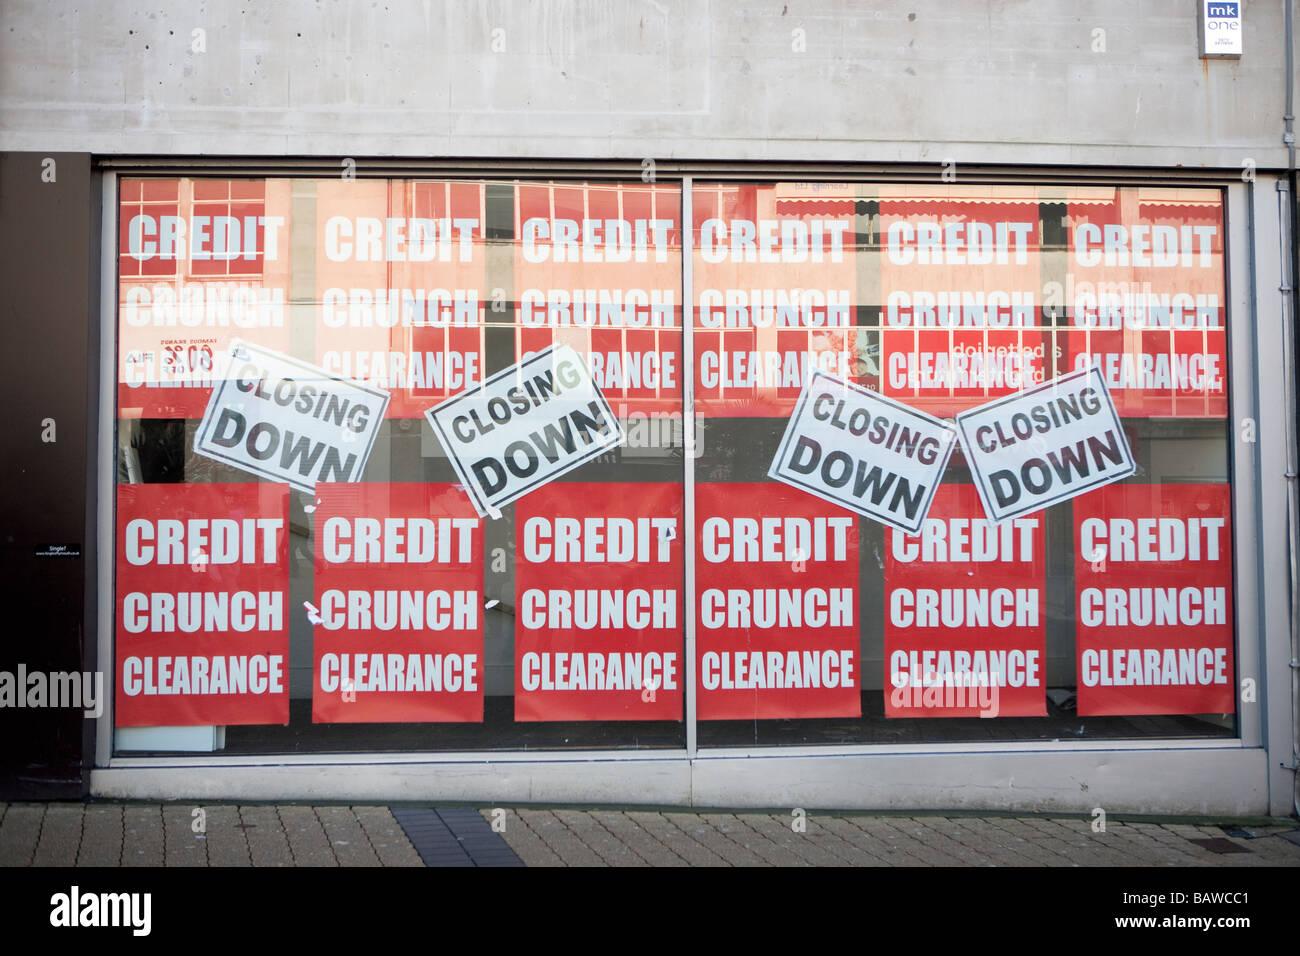 Escaparates de las tiendas cerradas debido a la crisis crediticia recesión recesión de la economía del Reino Unido de Gran Bretaña Foto de stock